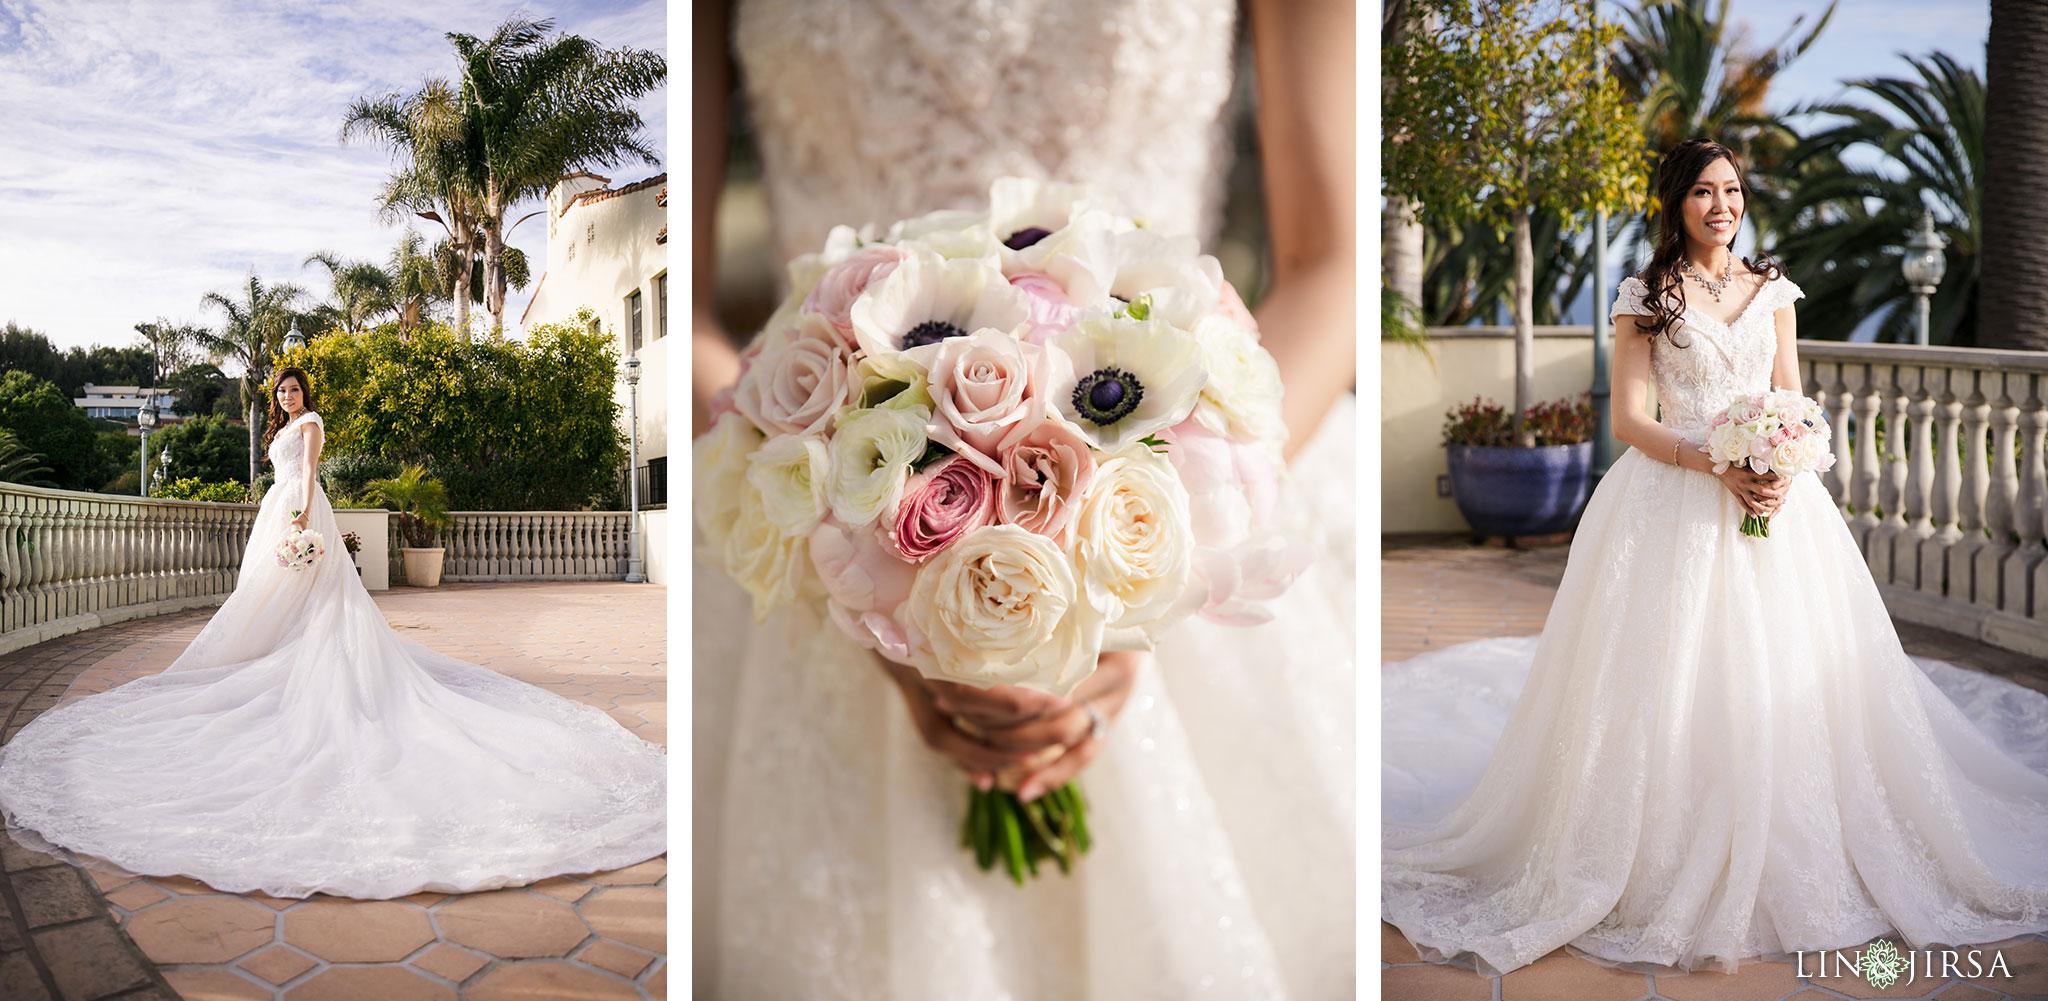 06 Bel Air Bay Club Los Angeles Wedding Photography